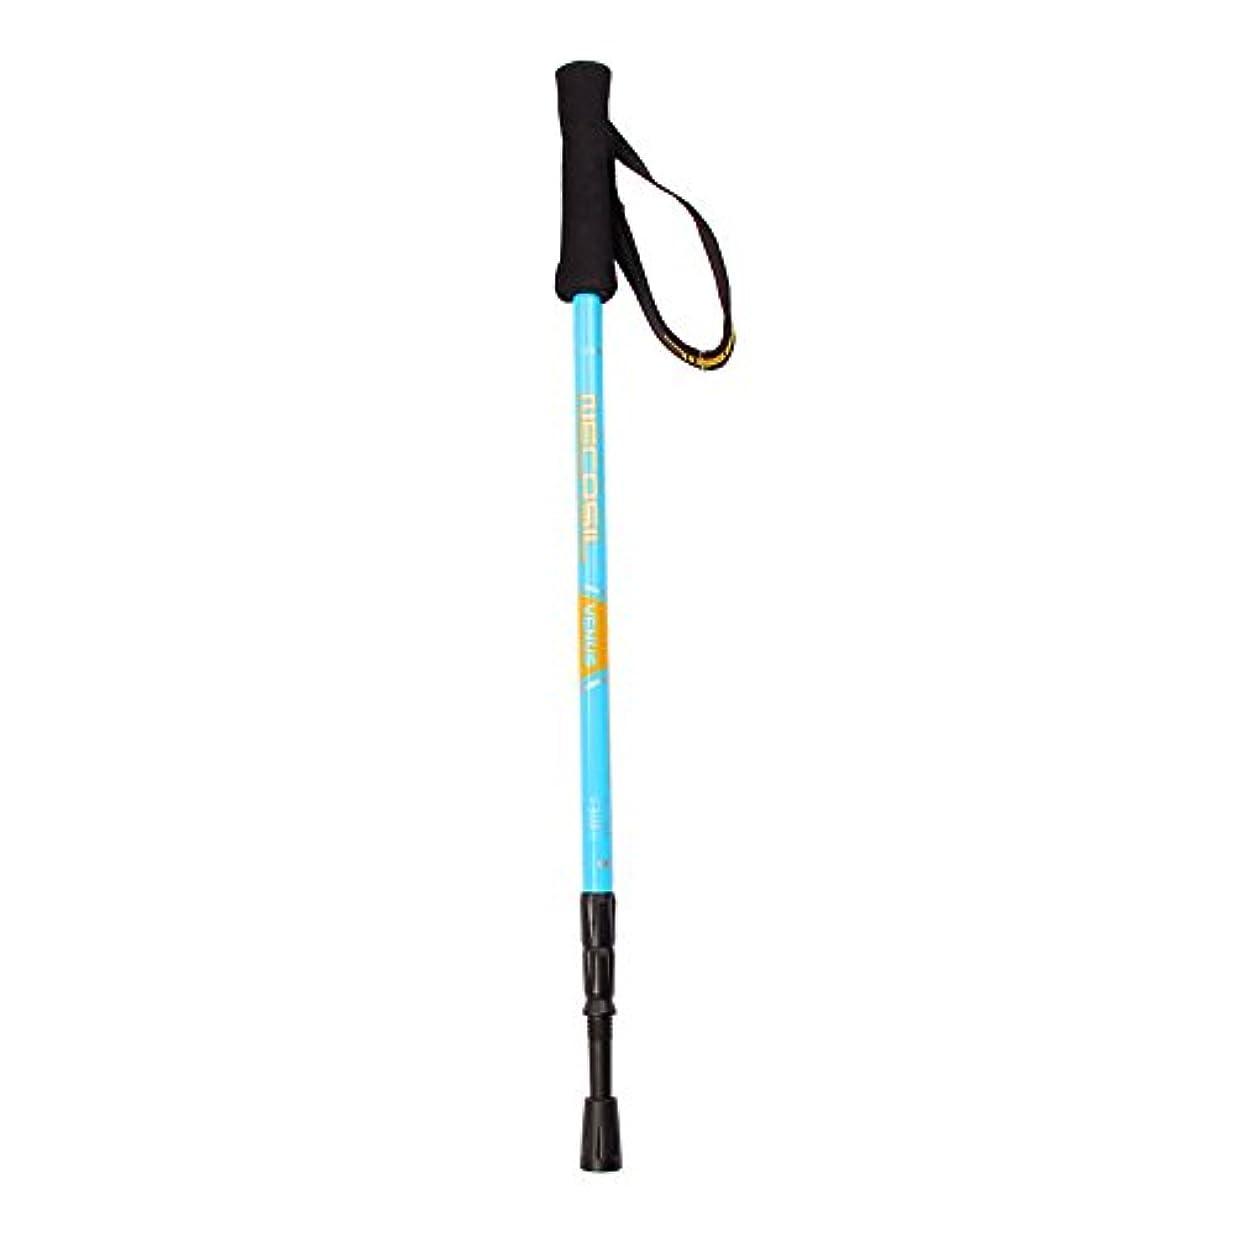 爆風失われた弱めるトレッキングポール超軽量ハイキングポータブルウォーキングカーボン多機能松葉杖スマートスリー伸縮ウォーキングロッド